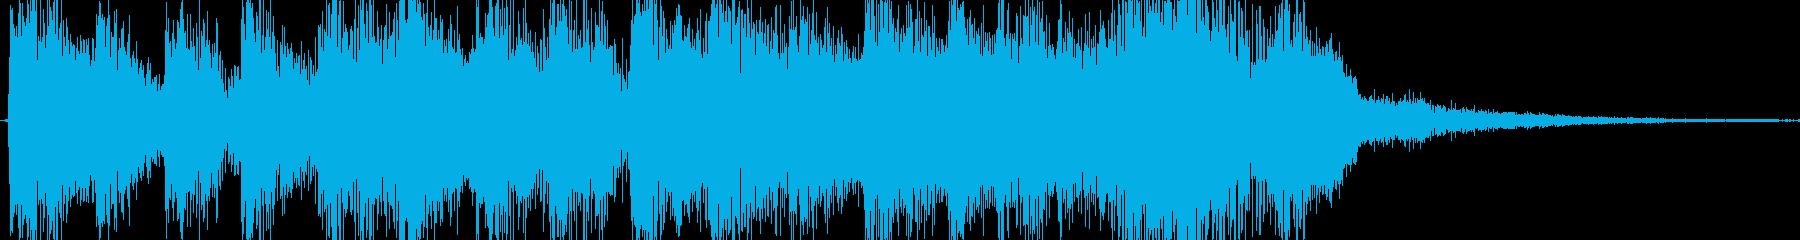 ジングル ゲームオーバー ゲームクリアの再生済みの波形